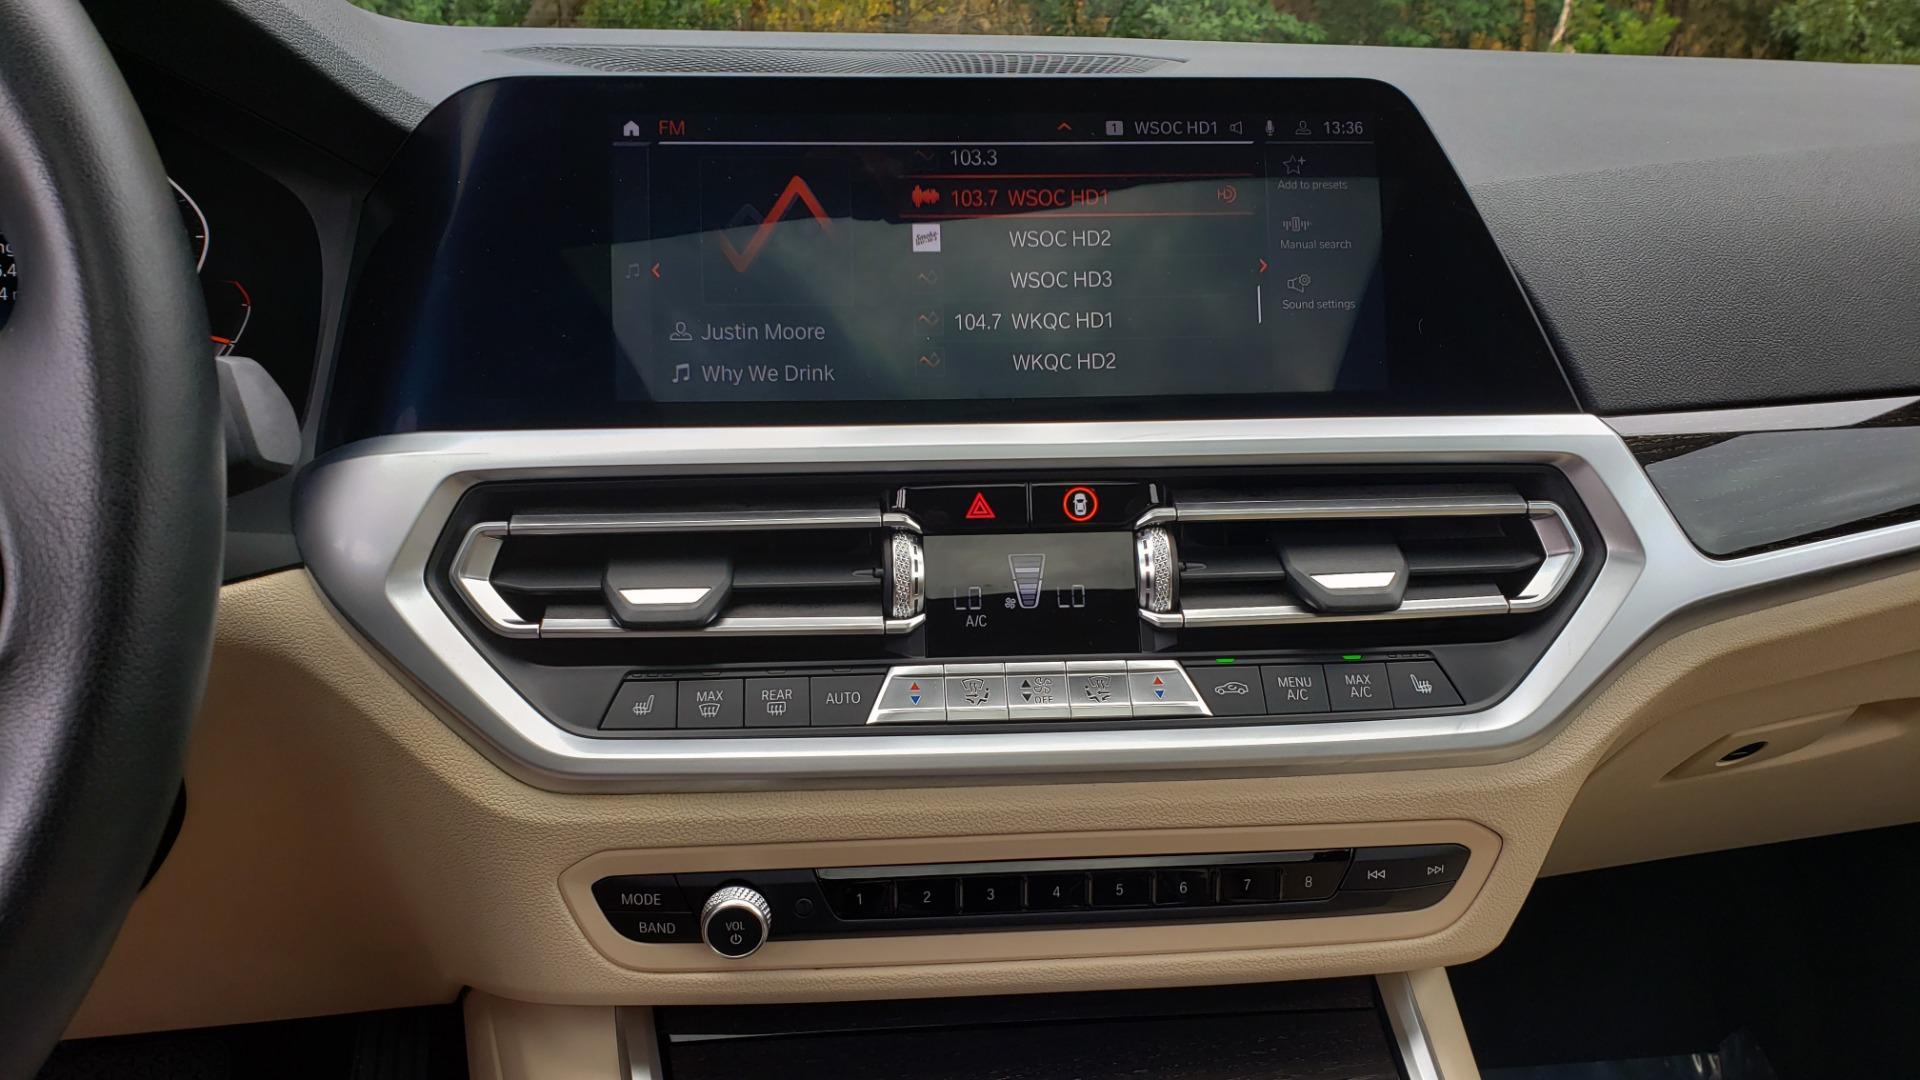 Used 2019 BMW 3 SERIES 330I PREM PKG / NAV / CONV PKG / H&K SND / LIVE COCKPIT PRO for sale Sold at Formula Imports in Charlotte NC 28227 48